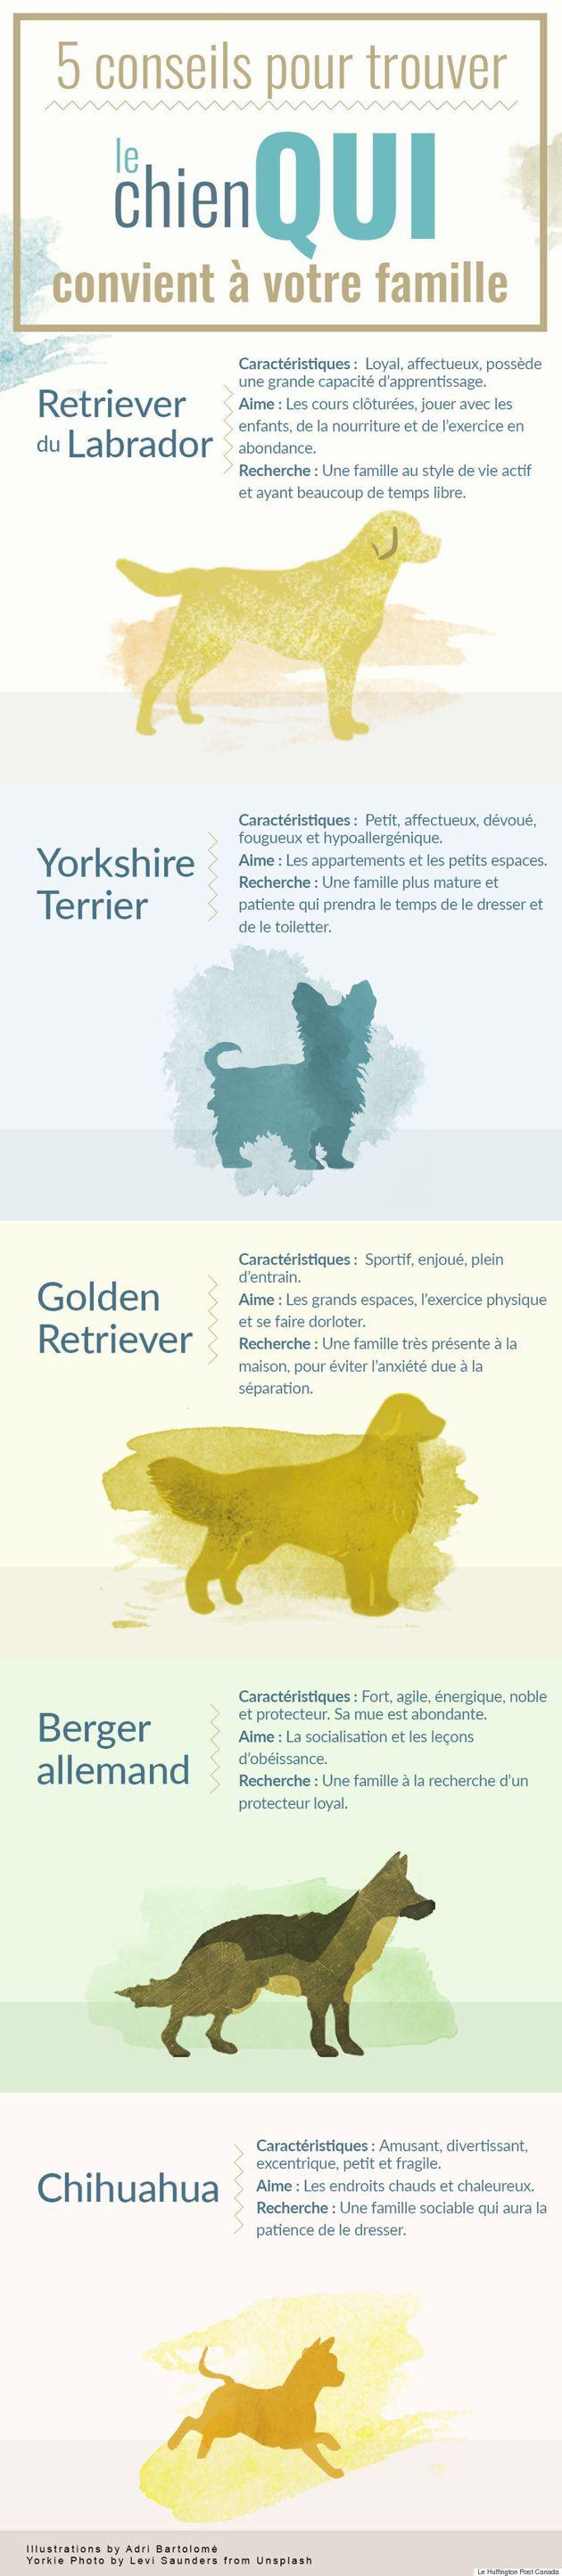 5 conseils pour trouver le chien qui convient à votre